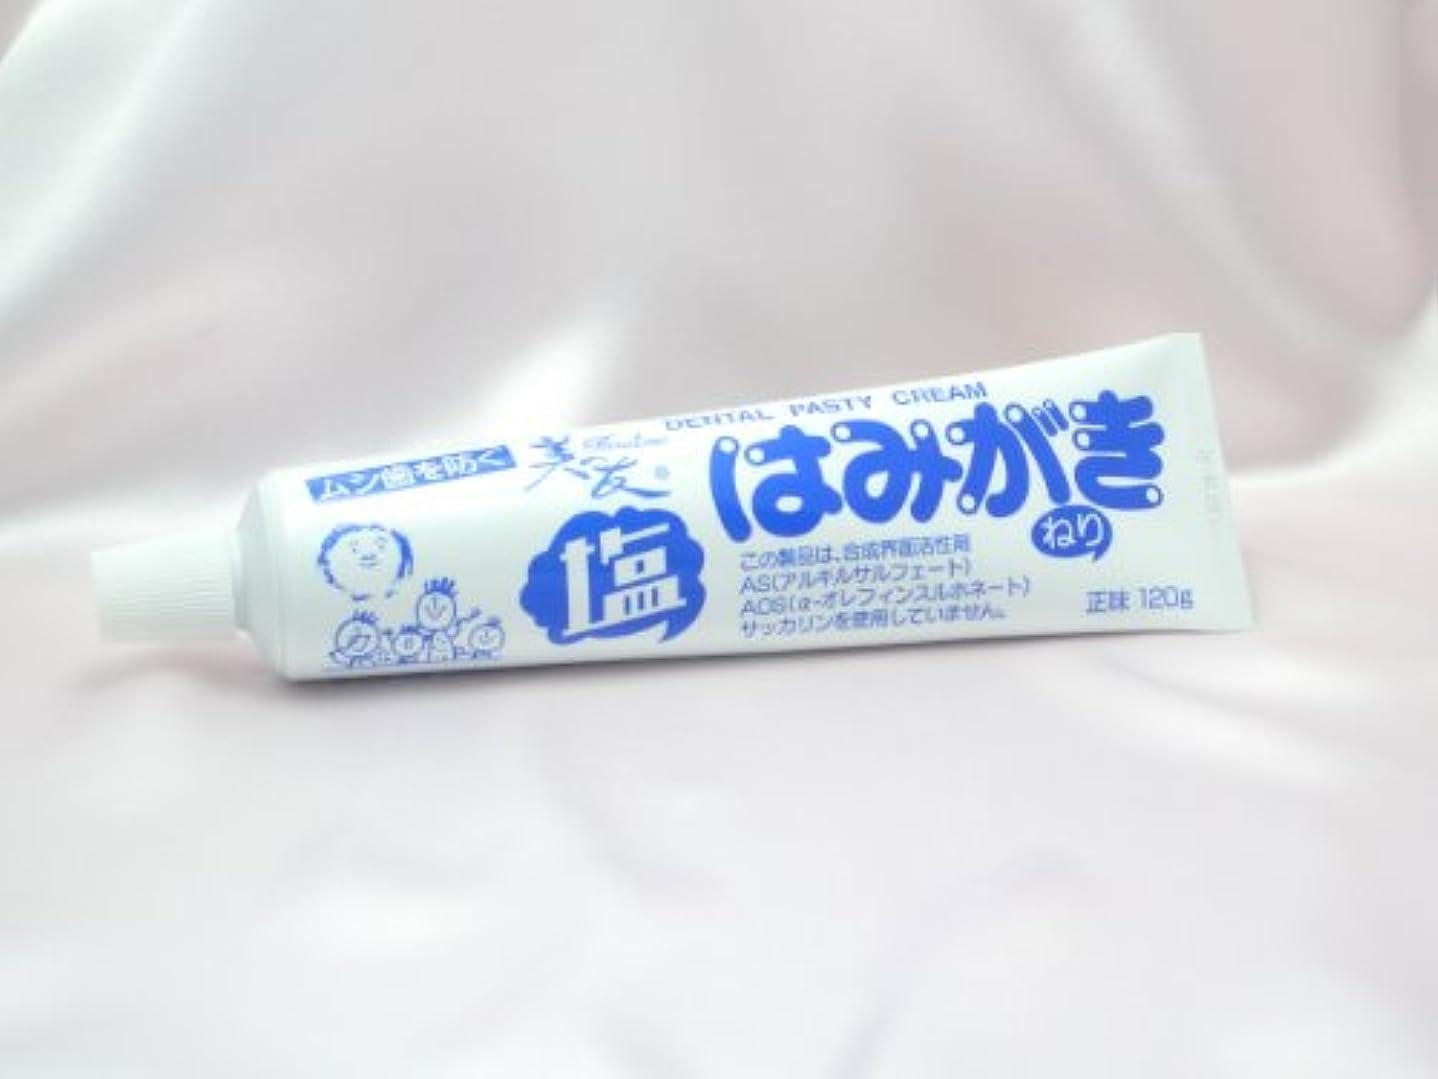 調整後世適度に【不動化学】塩はみがき120gお得用3本セット